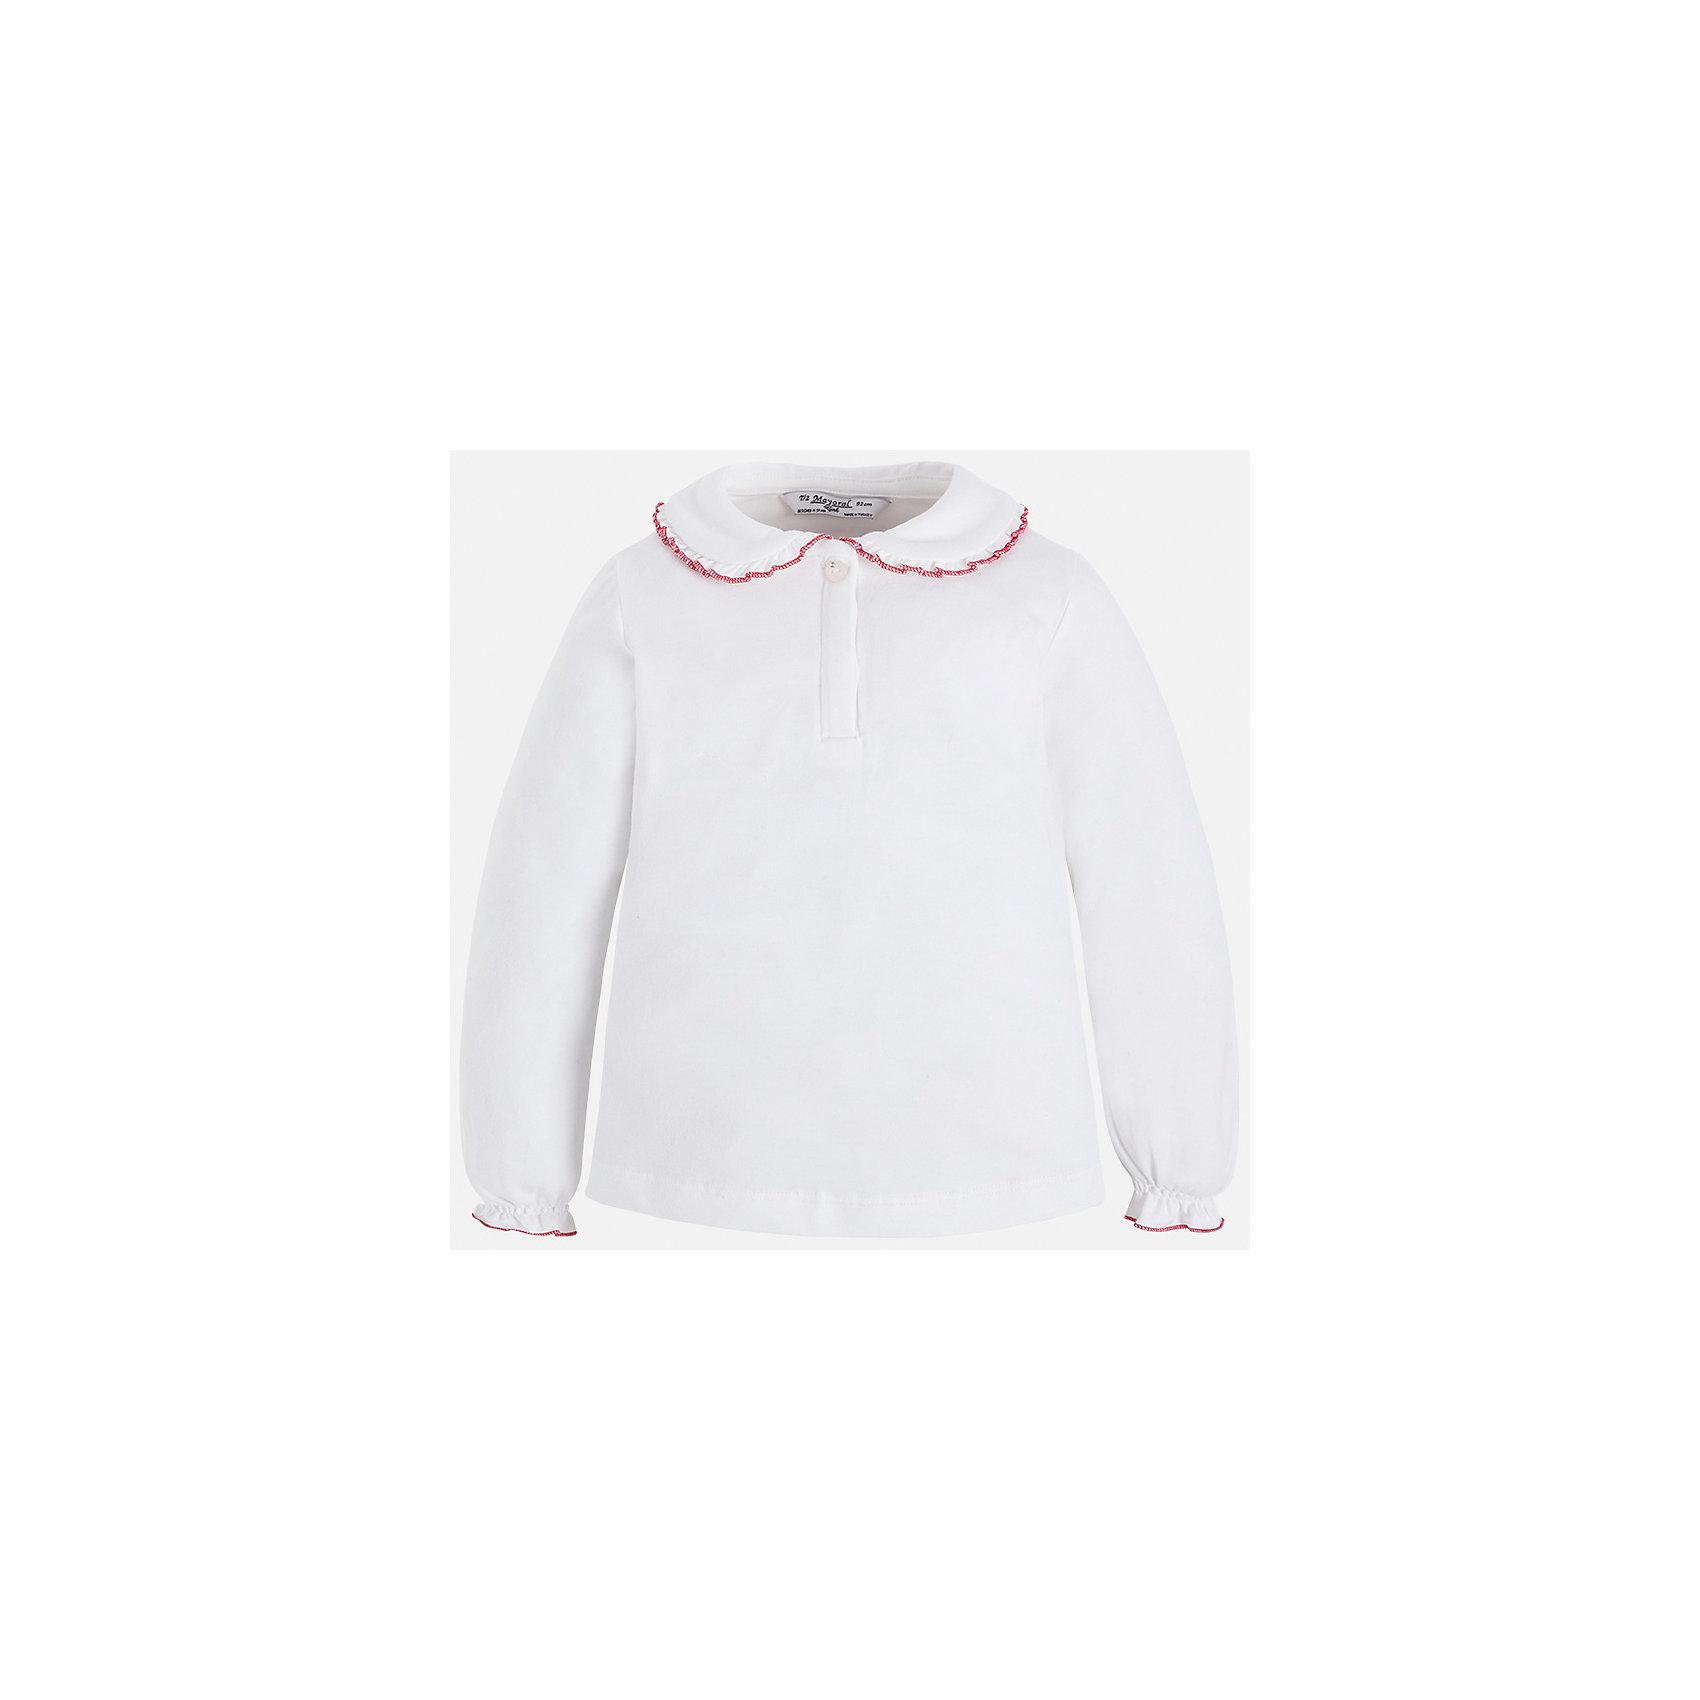 Футболка с длинным рукавом для девочки MayoralФутболки с длинным рукавом<br>Характеристики товара:<br><br>• цвет: белый<br>• состав ткани: 95% хлопок, 5% эластан<br>• сезон: демисезон<br>• особенности модели: отложной воротник<br>• застежка: пуговицы<br>• длинные рукава<br>• страна бренда: Испания<br>• страна изготовитель: Индия<br><br>Хлопковая блузка для девочки Mayoral удобно сидит по фигуре. Стильная детская блузка с длинным рукавом сделана из дышащей ткани. Отличный способ обеспечить ребенку тепло и комфорт - надеть детскую блузку от Mayoral. Детская блузка с длинным рукавом сшита из приятного на ощупь материала. <br><br>Блузку для девочки Mayoral (Майорал) можно купить в нашем интернет-магазине.<br><br>Ширина мм: 230<br>Глубина мм: 40<br>Высота мм: 220<br>Вес г: 250<br>Цвет: белый<br>Возраст от месяцев: 18<br>Возраст до месяцев: 24<br>Пол: Женский<br>Возраст: Детский<br>Размер: 92,134,128,122,116,110,104,98<br>SKU: 6944534